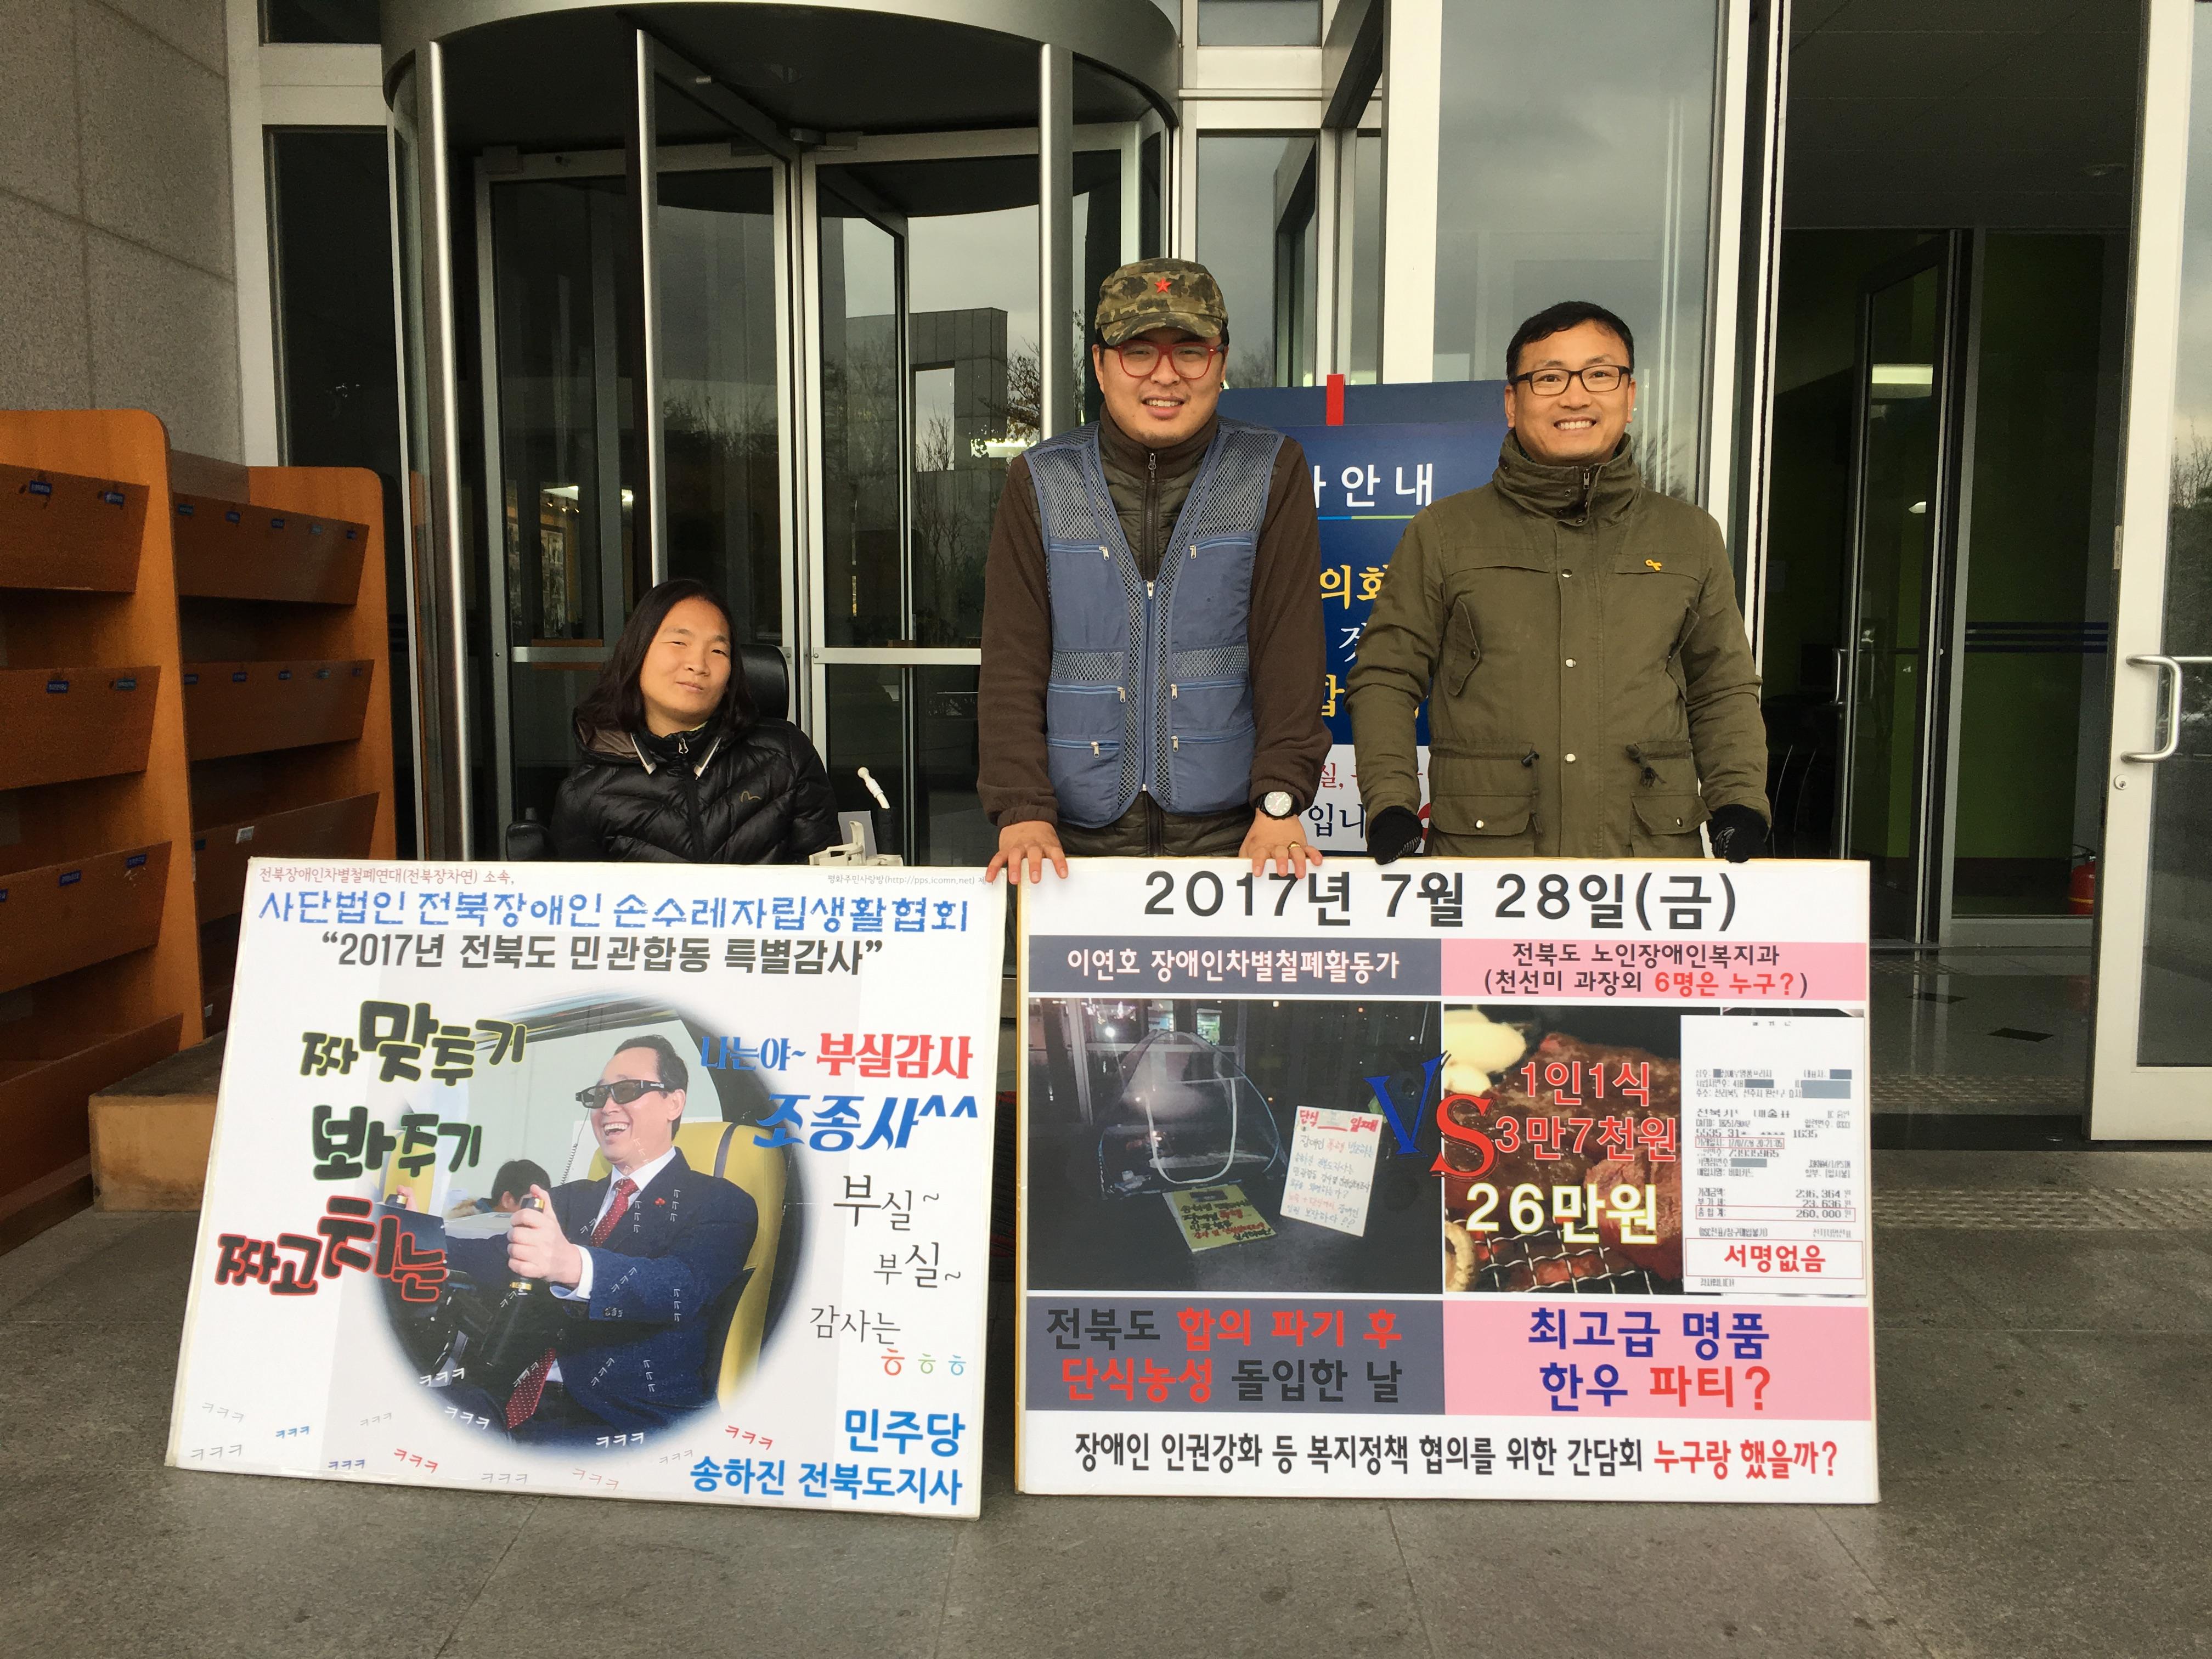 17.11.15_전북도의회 피켓팅 투쟁.JPG